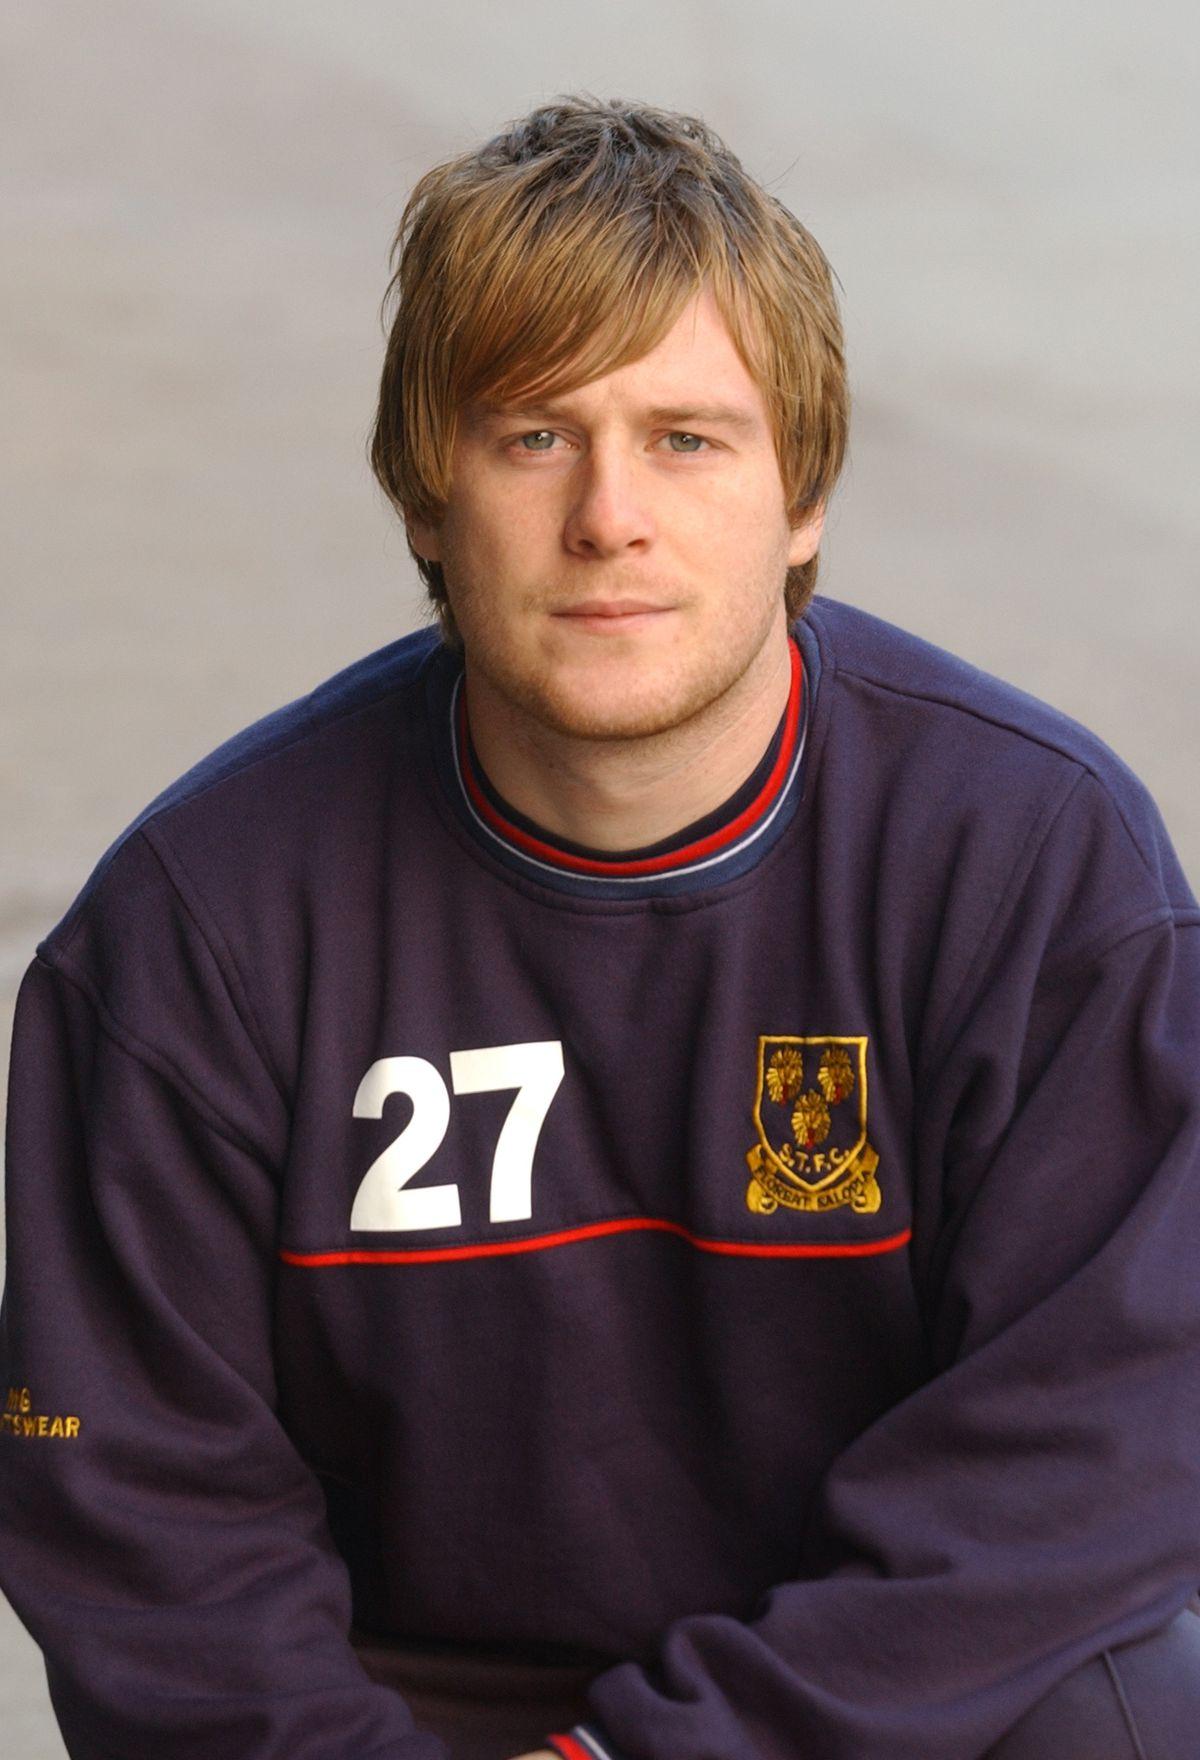 Jody Bamin during his time at Shrewsbury Town